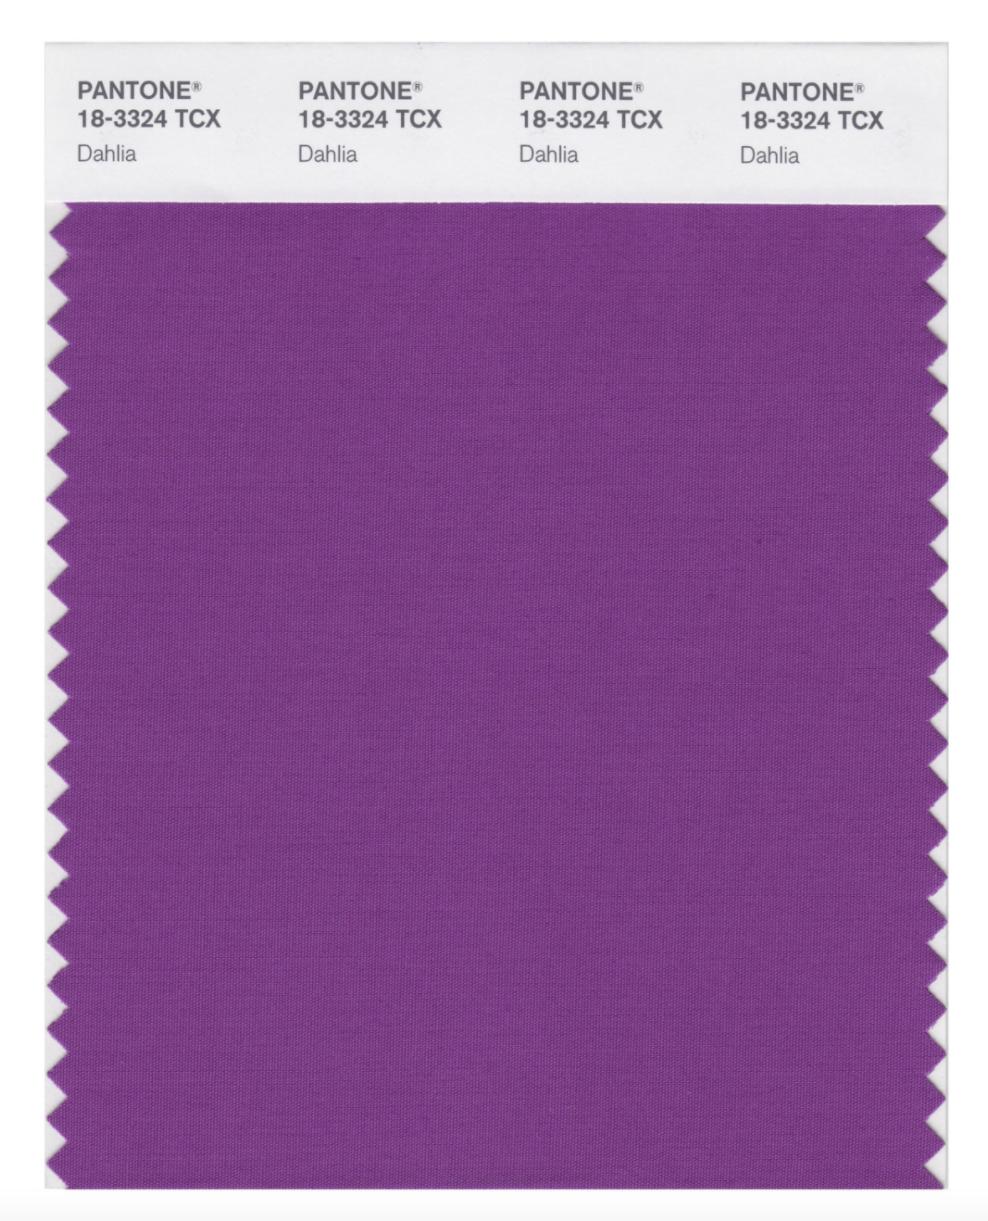 Институт Pantone представил главные цвета весны 2022 года (ФОТО) - фото №6